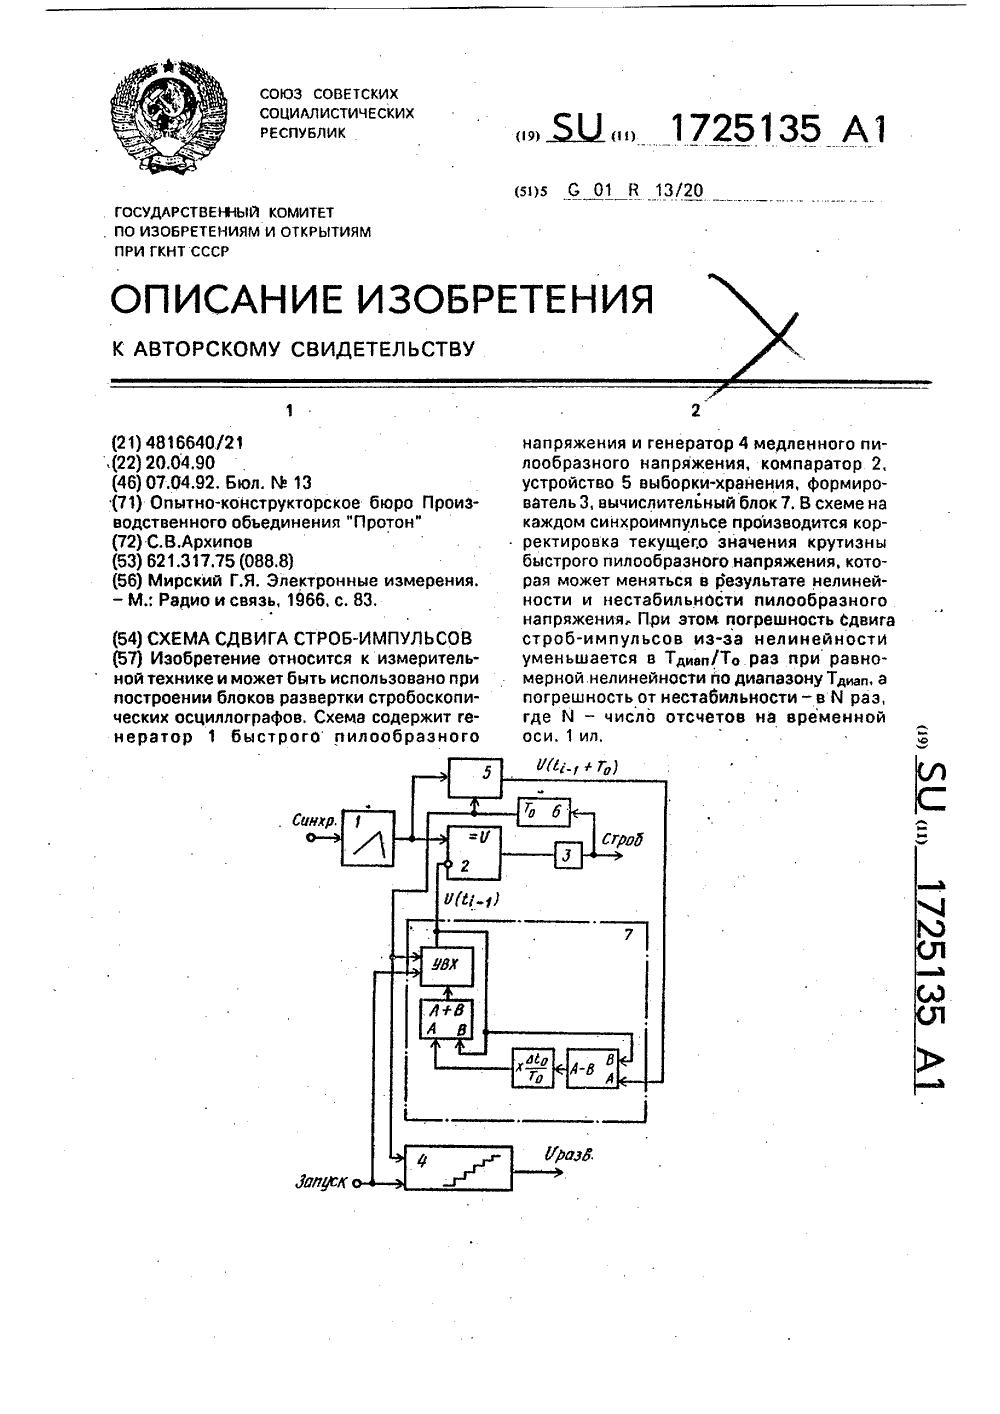 генератор низкочастотных импульсов схема